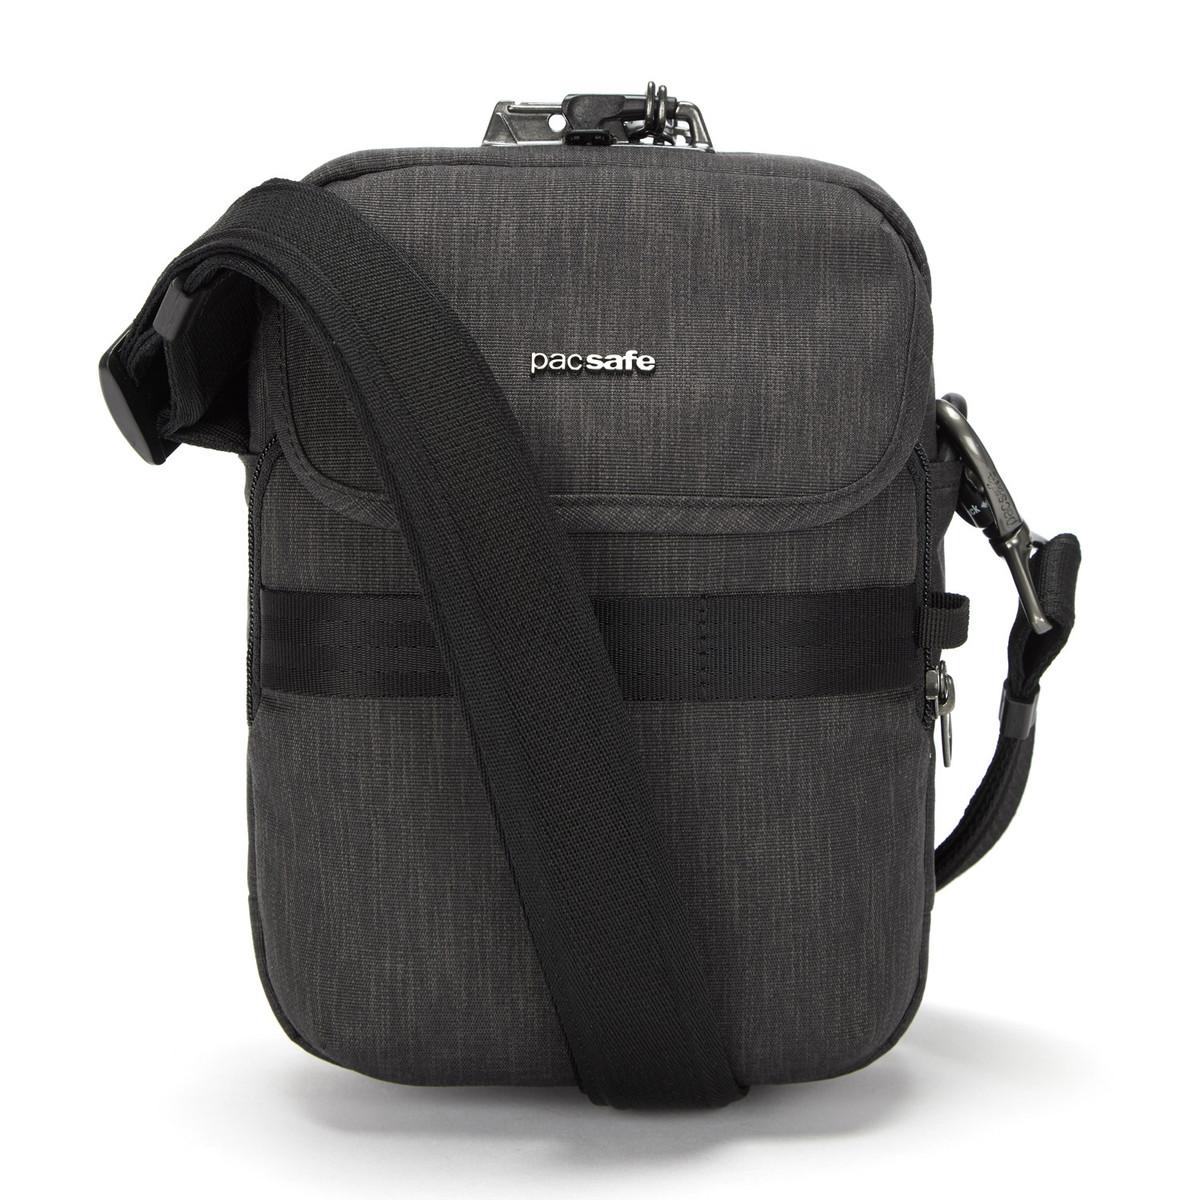 Pasafe Metrosafe X Compact Cross Body Bag